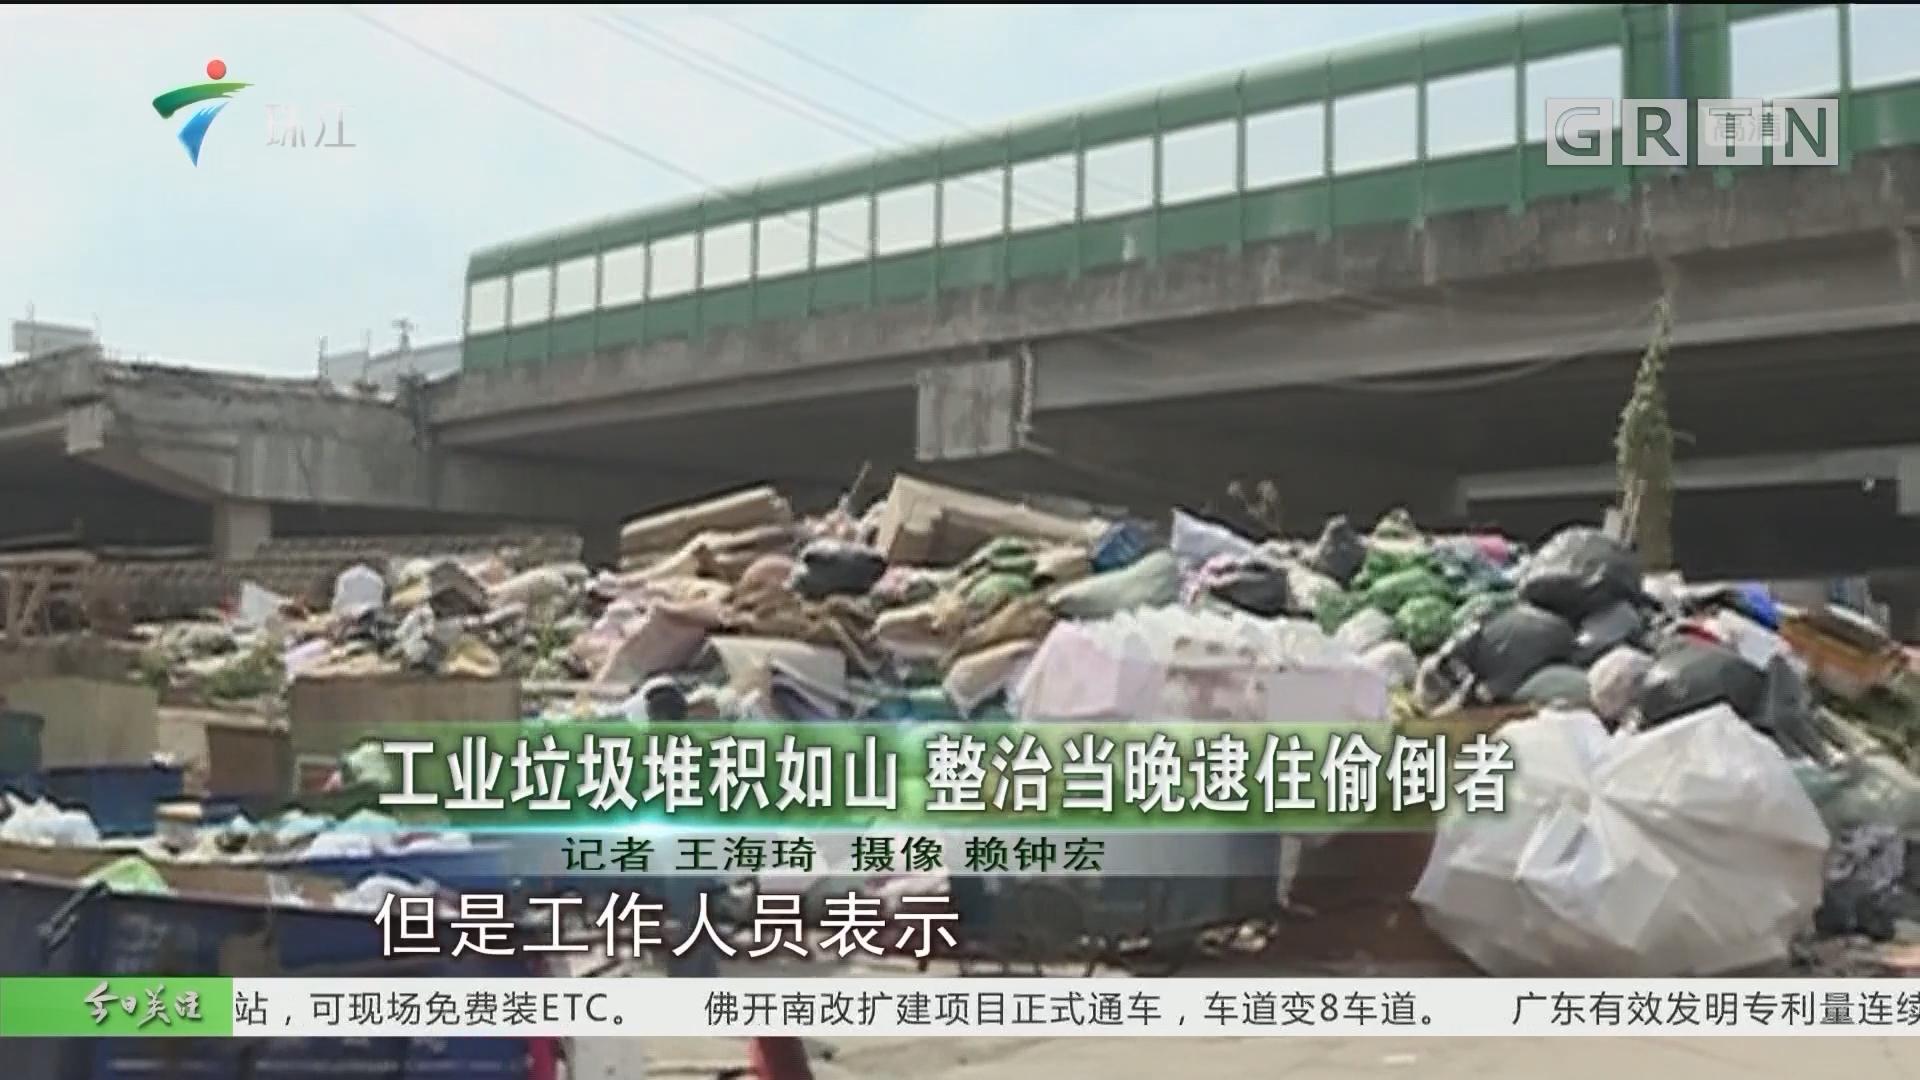 工业垃圾堆积如山 整治当晚逮住偷倒者